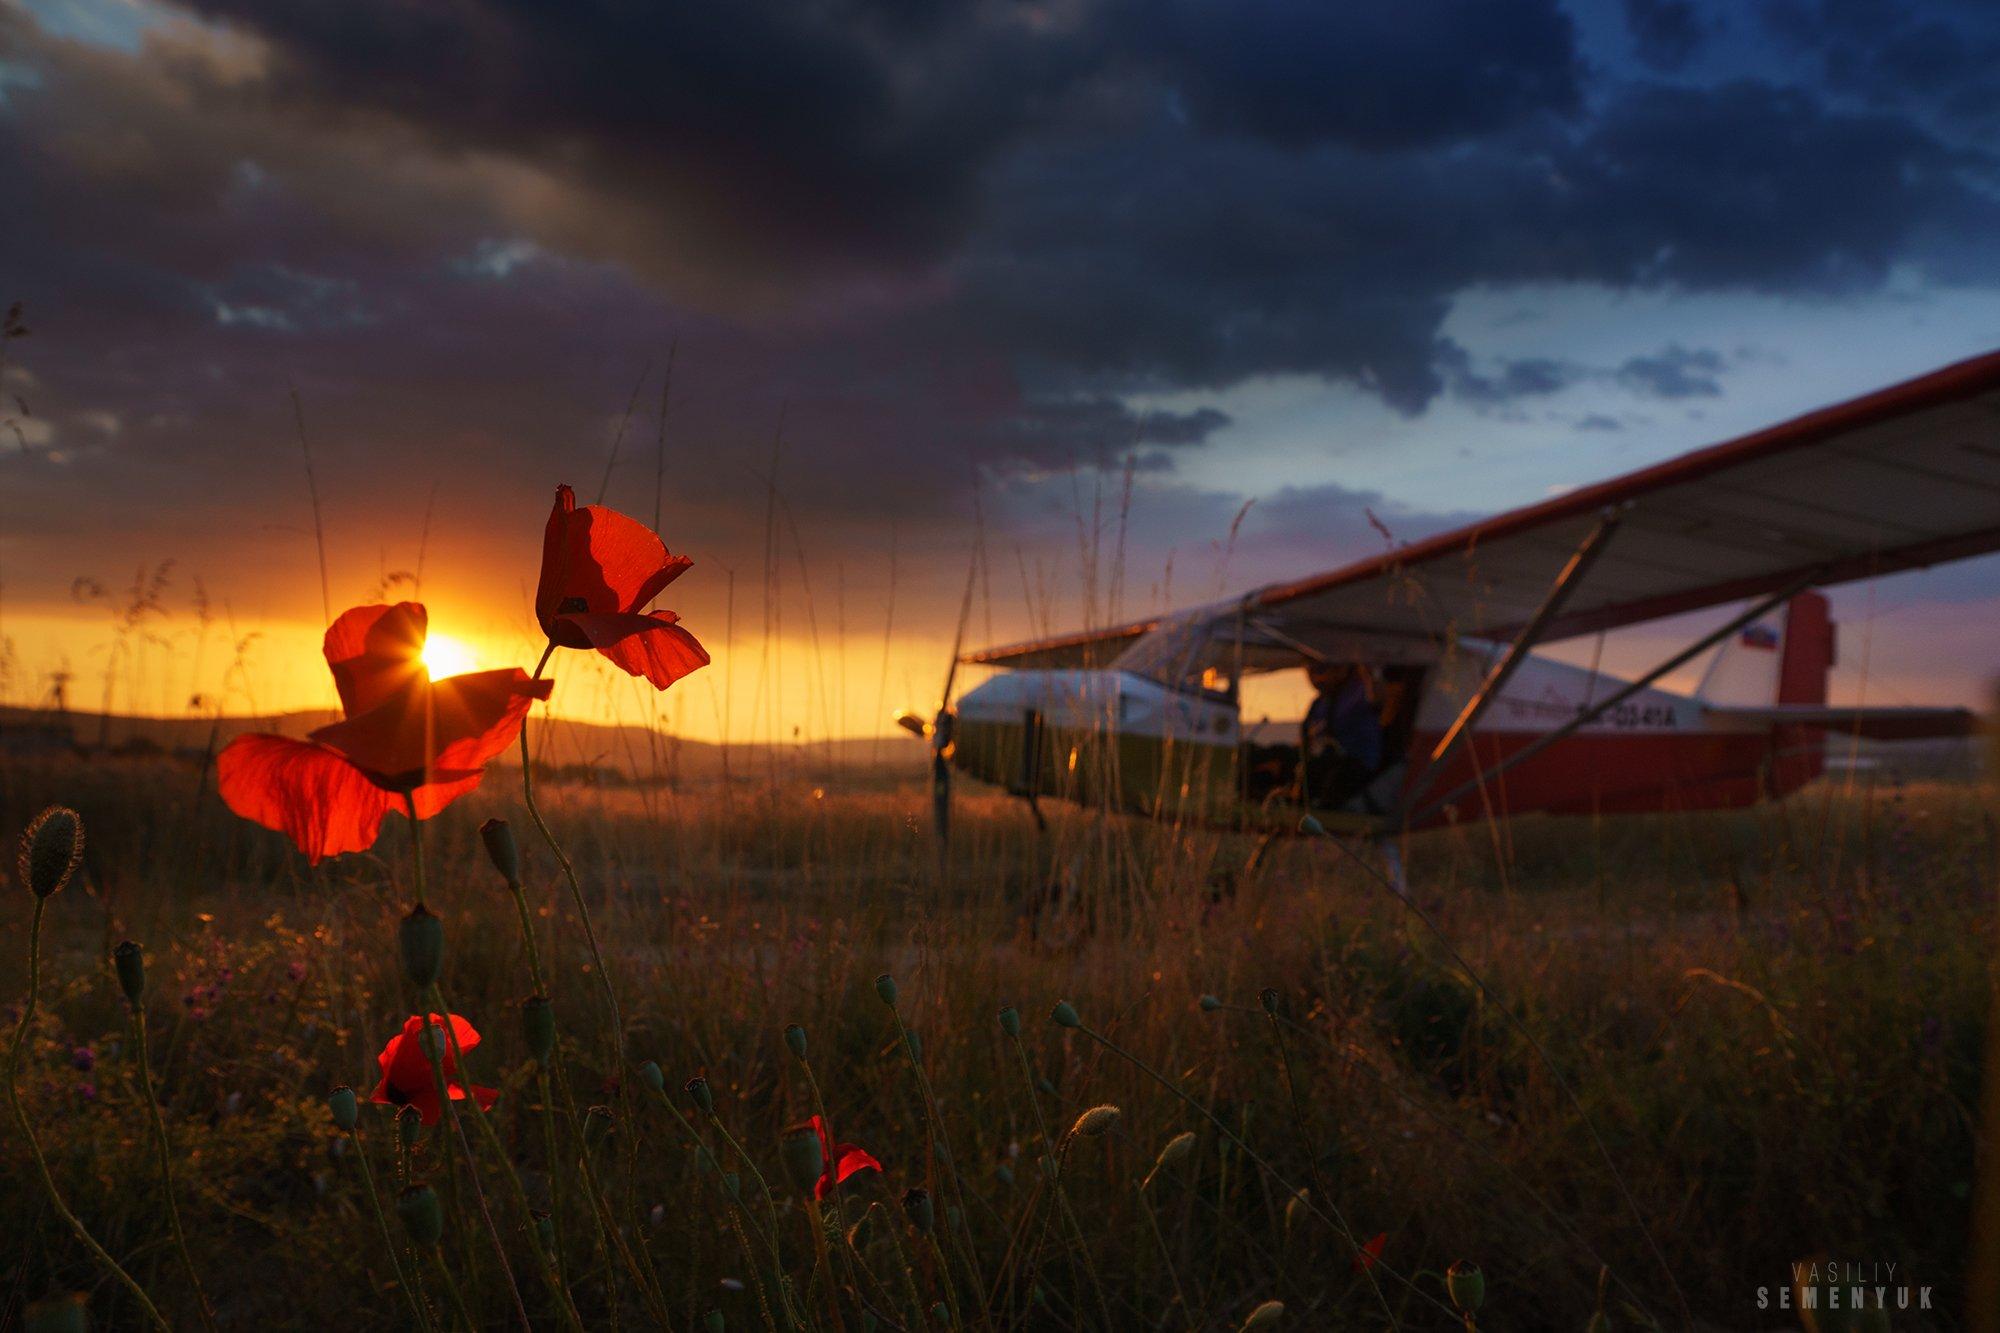 Крым, самолёт, закат, маки, поле, облака, Солнце., Семенюк Василий